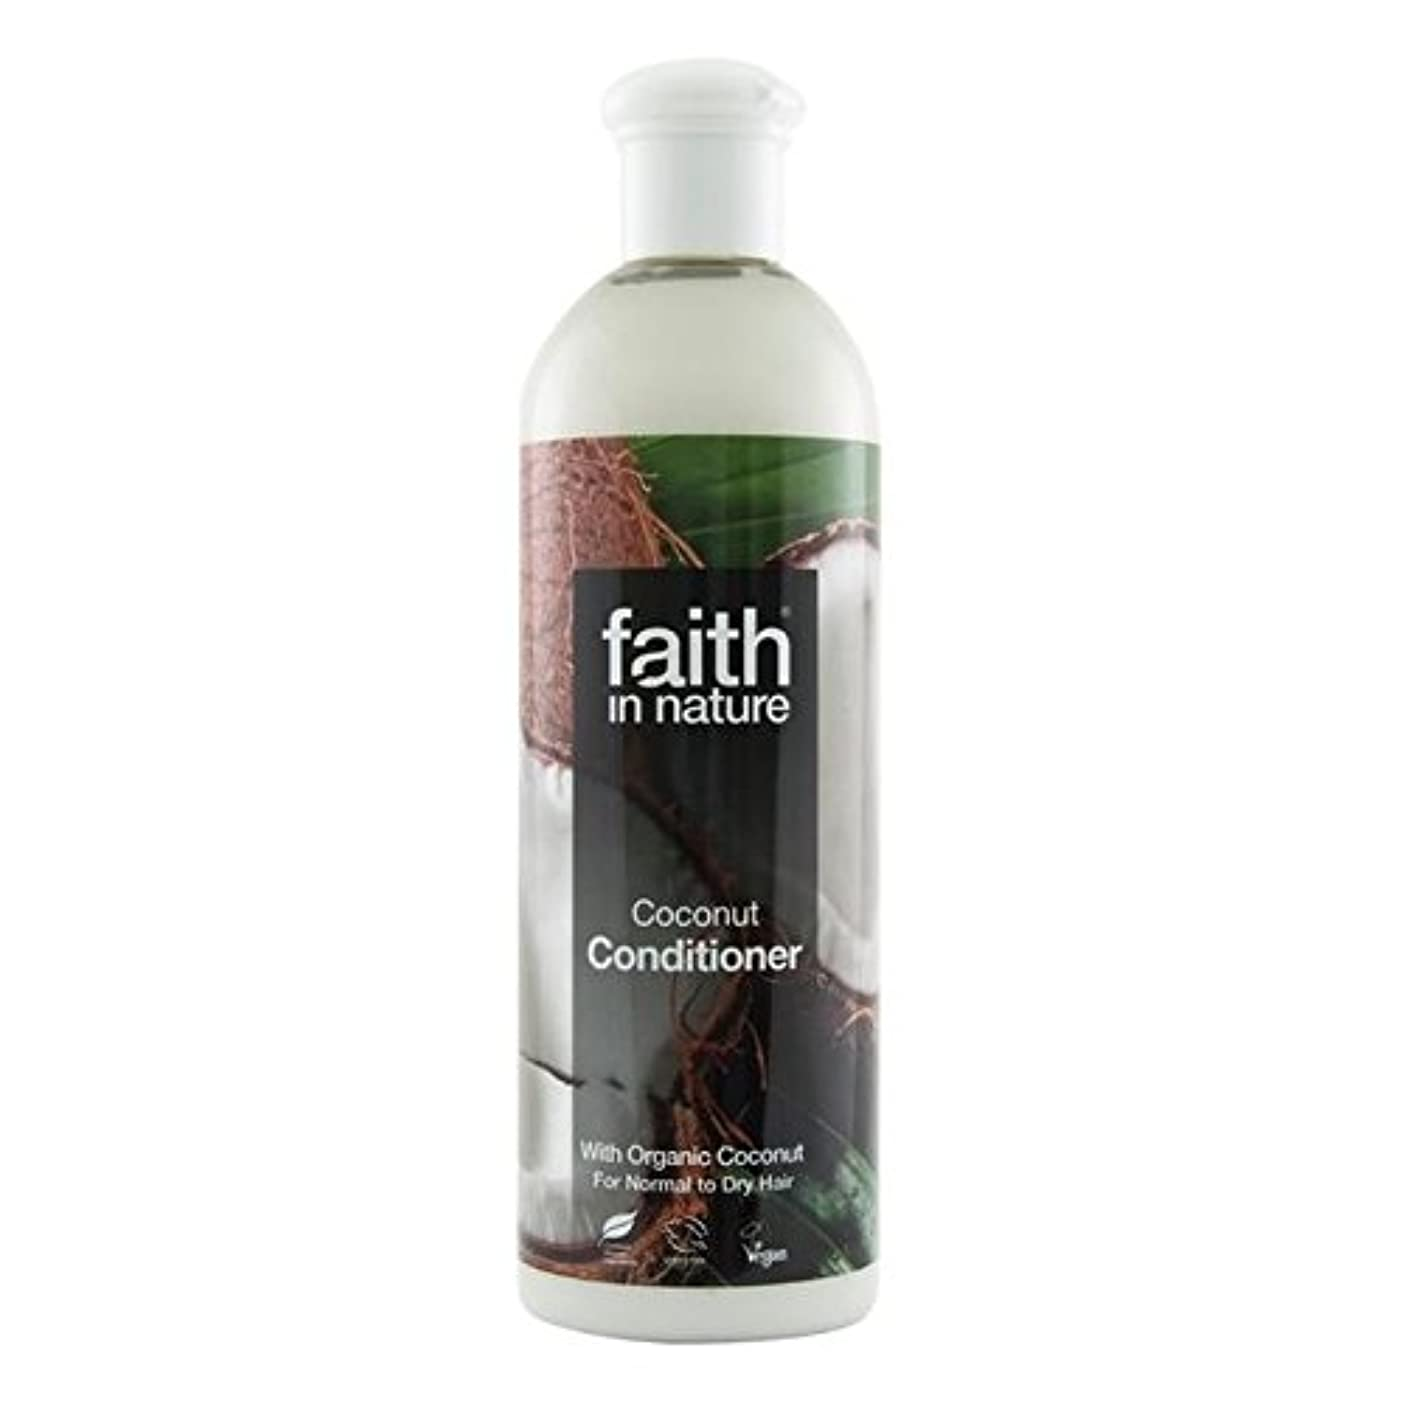 センターモディッシュと遊ぶFaith in Nature Coconut Conditioner 400ml (Pack of 2) - (Faith In Nature) 自然ココナッツコンディショナー400ミリリットルの信仰 (x2) [並行輸入品]